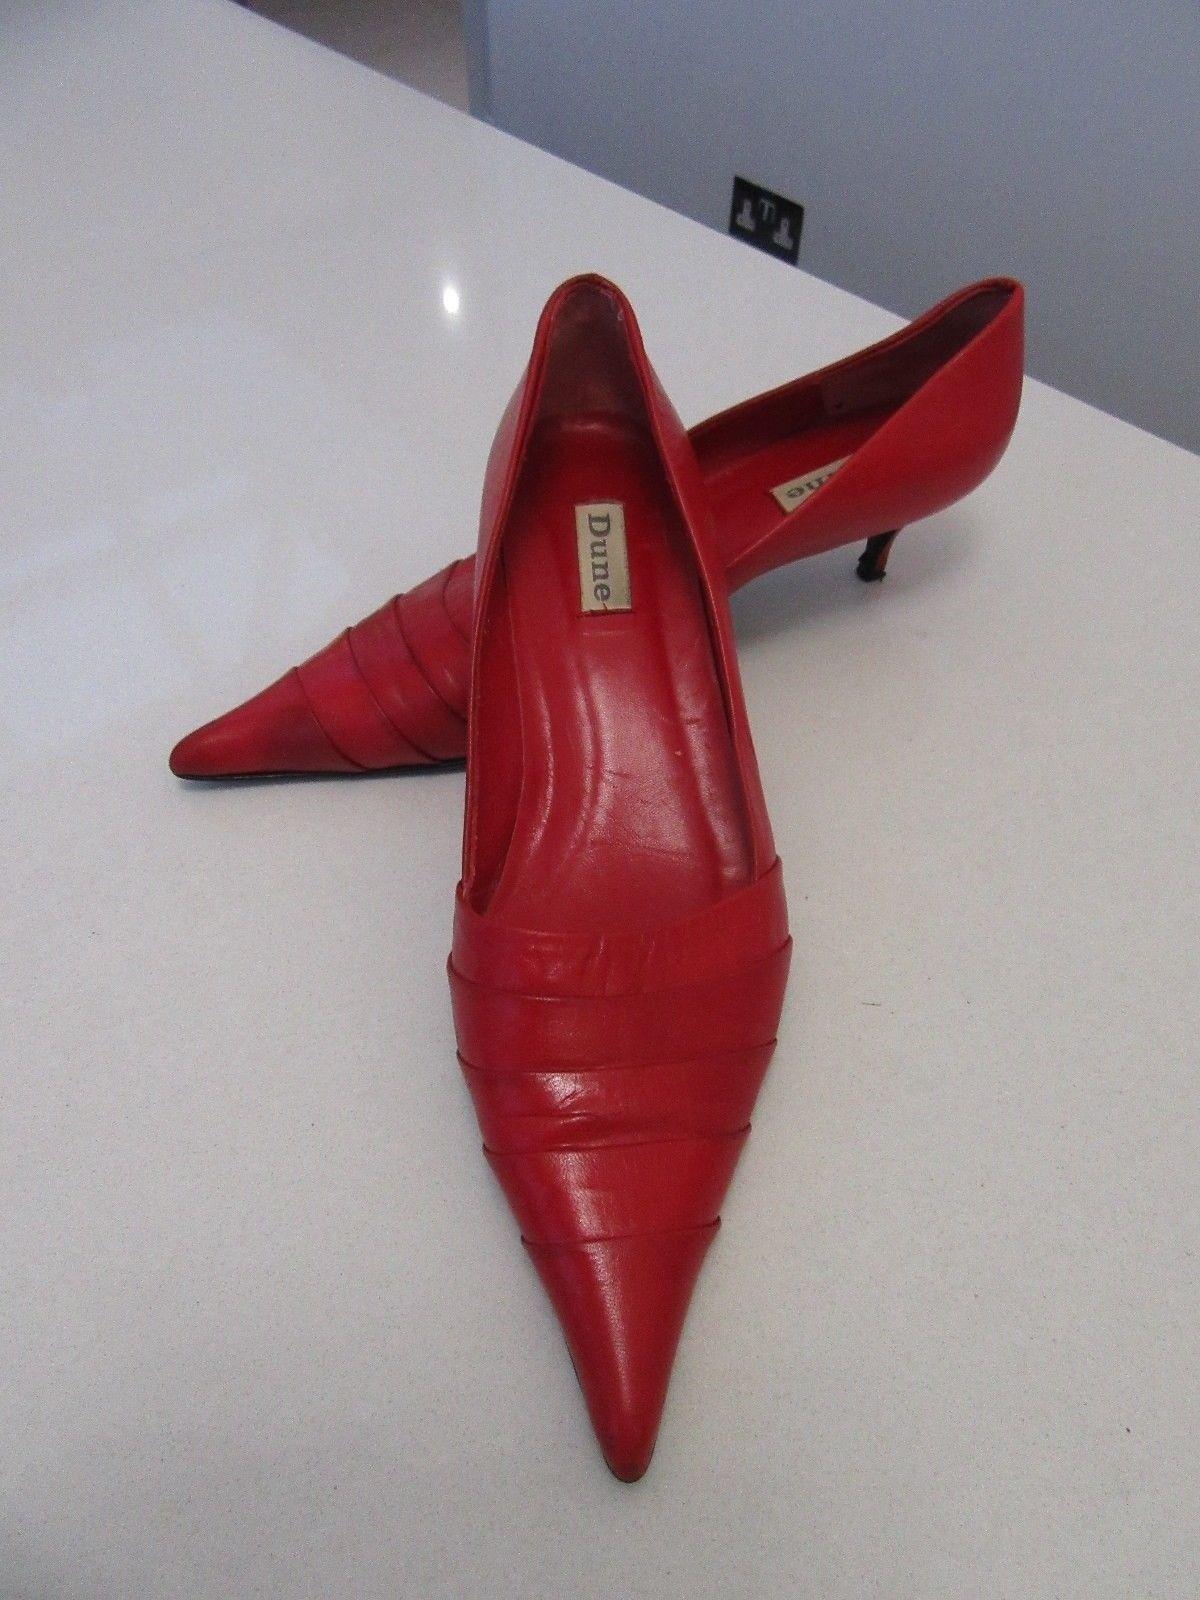 Sandali Donna Dune Slip On 'Scarpe TAGLIA 40 in una grande colore rosso, Super marca